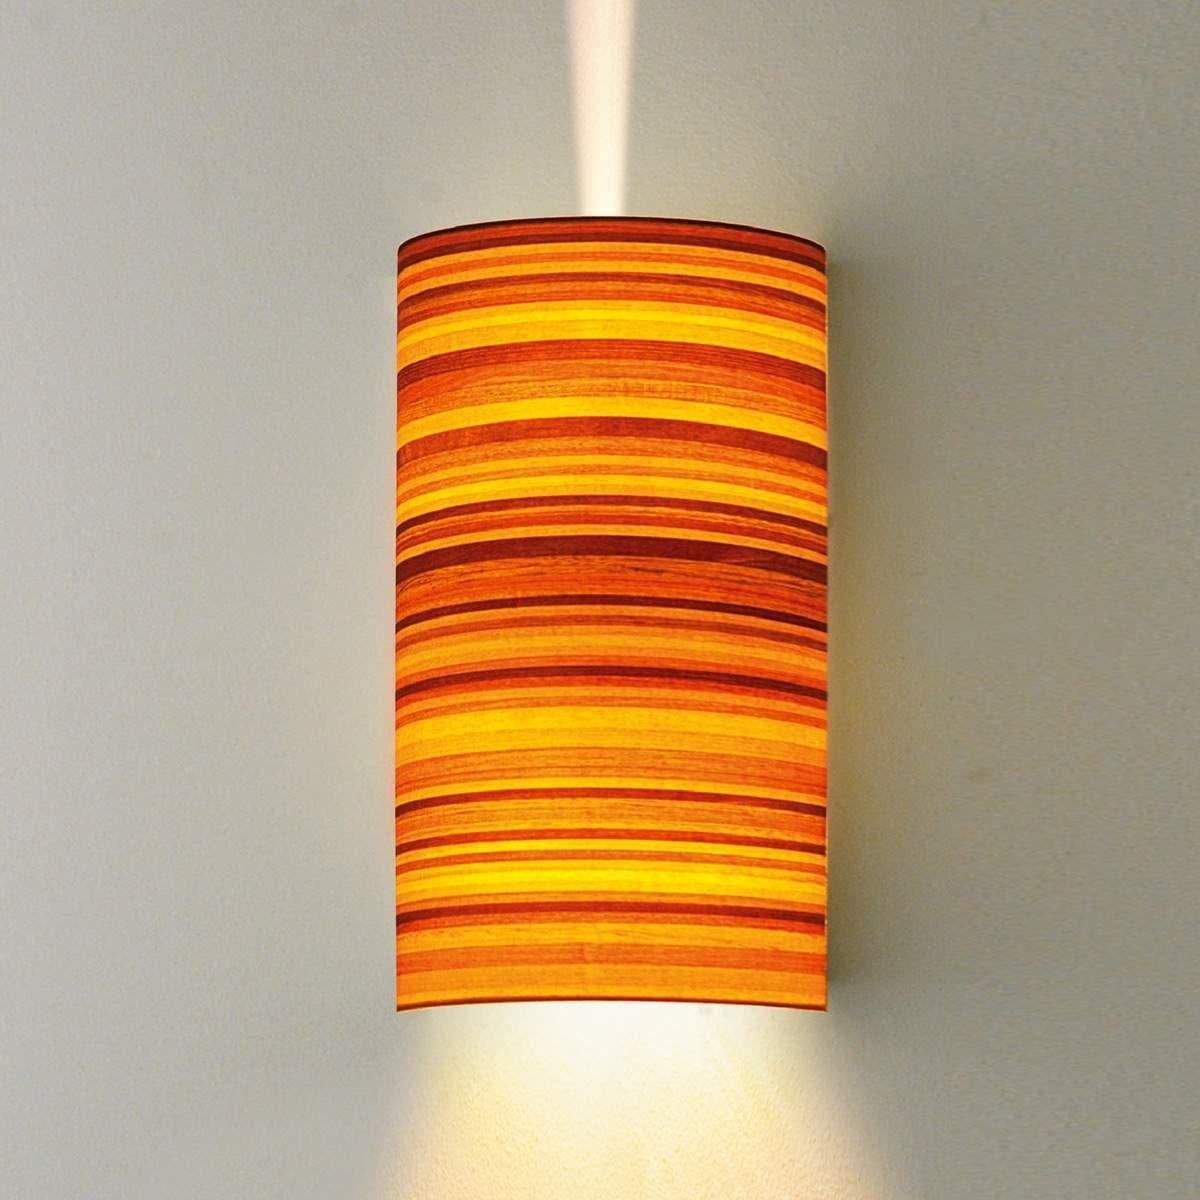 lampes ŕ poser fer forge lampe a